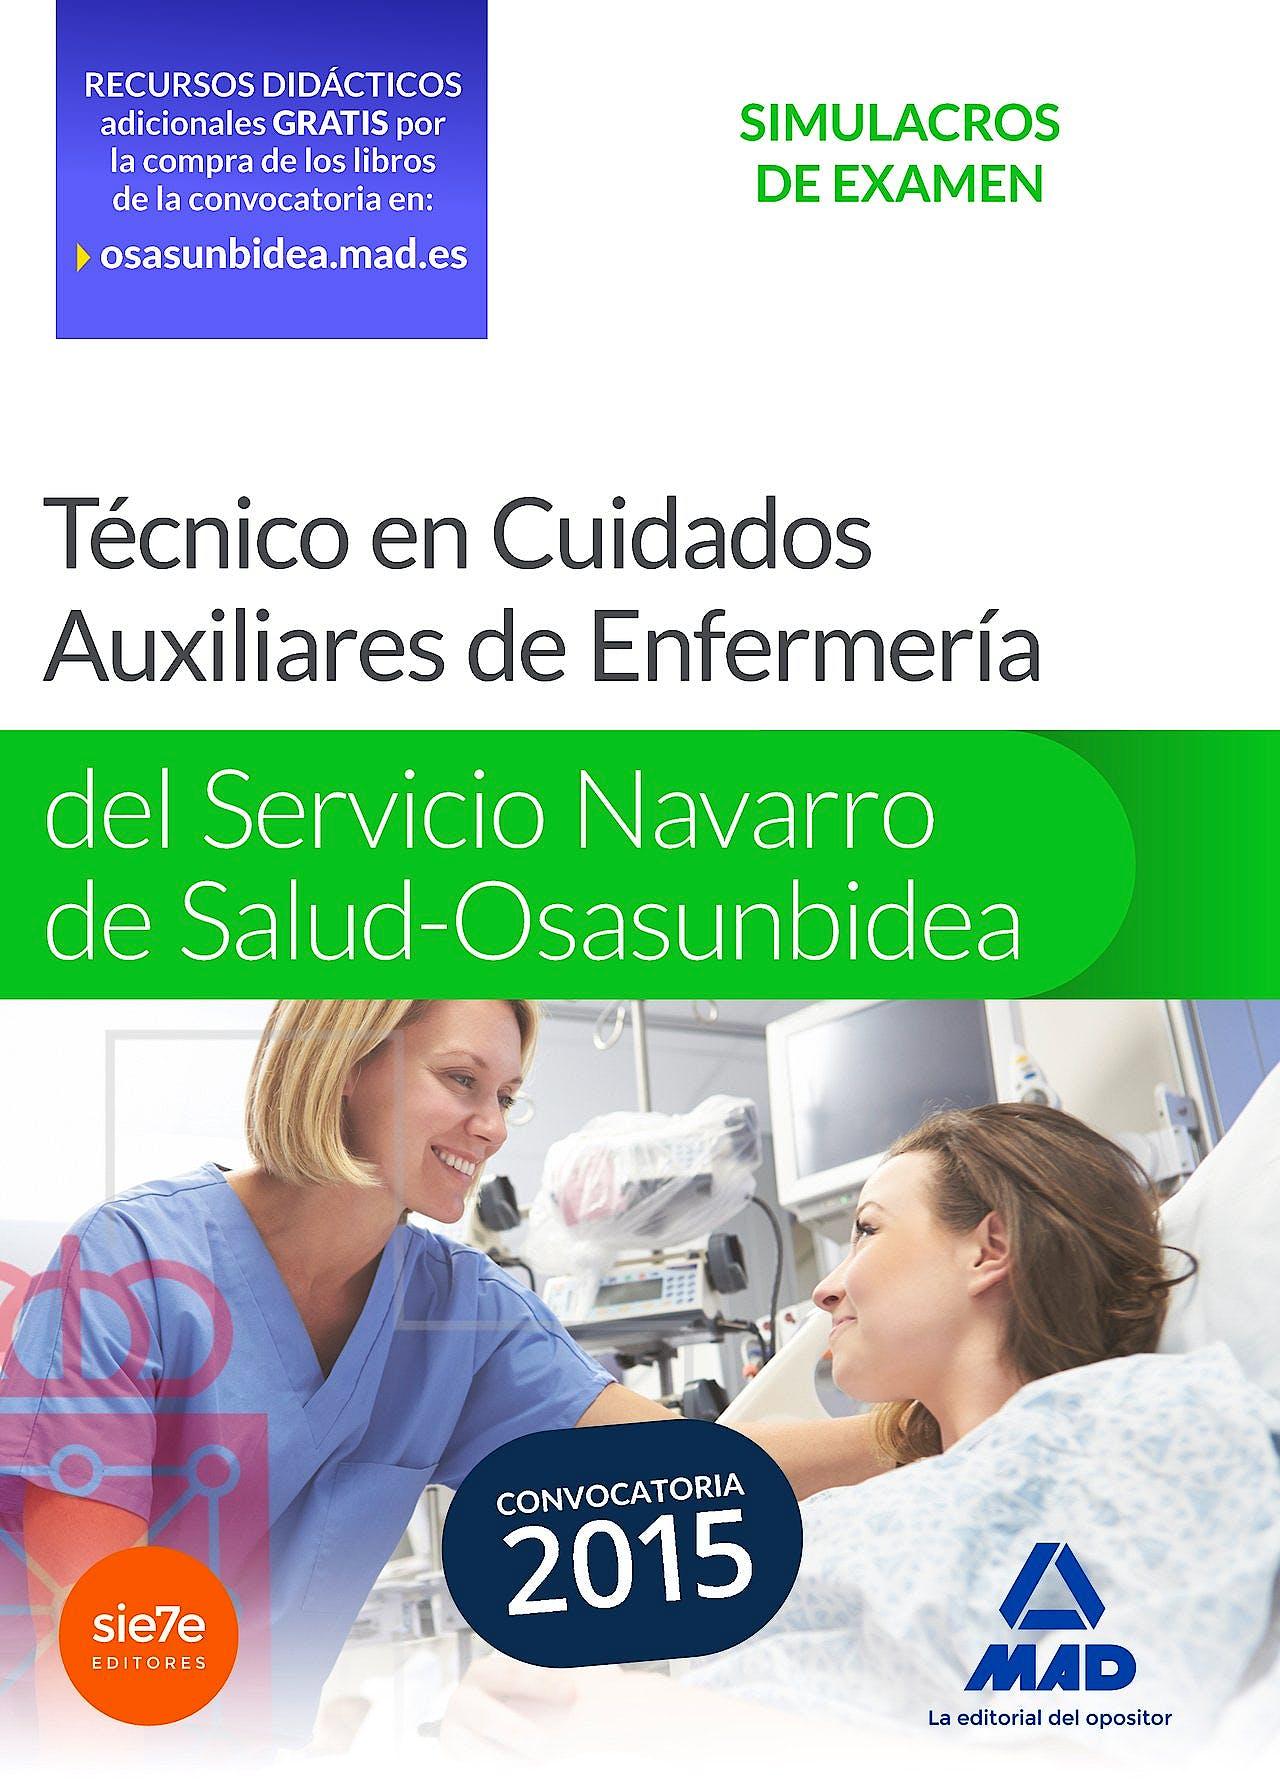 Portada del libro 9788467672169 Tecnico en Cuidados Auxiliares de Enfermeria del Servicio Navarro de Salud-Osasunbidea. Simulacros Examen